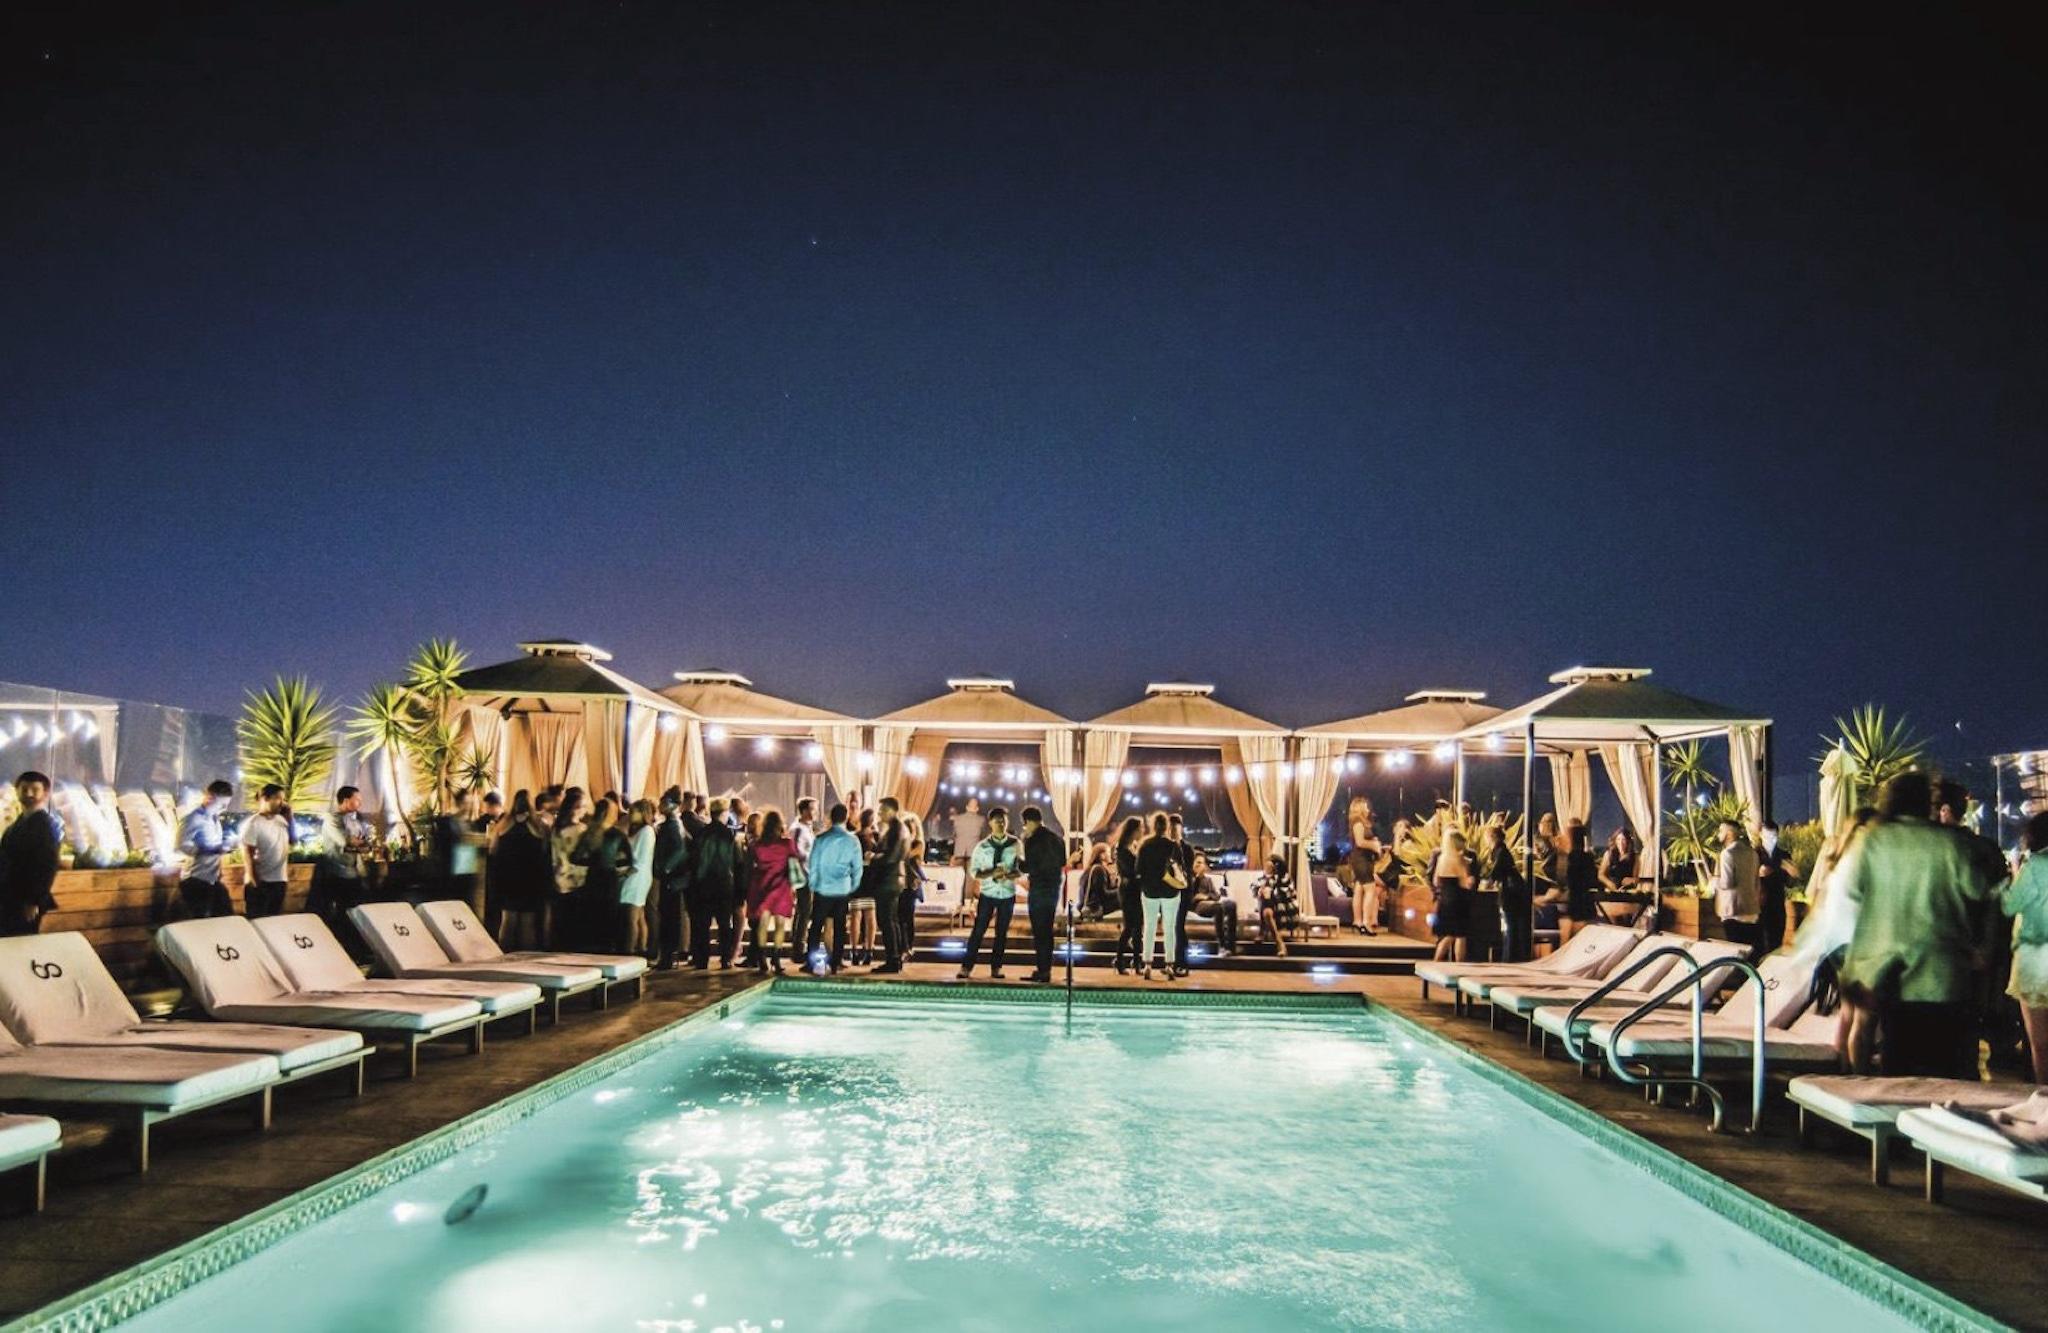 LA rooftop venues